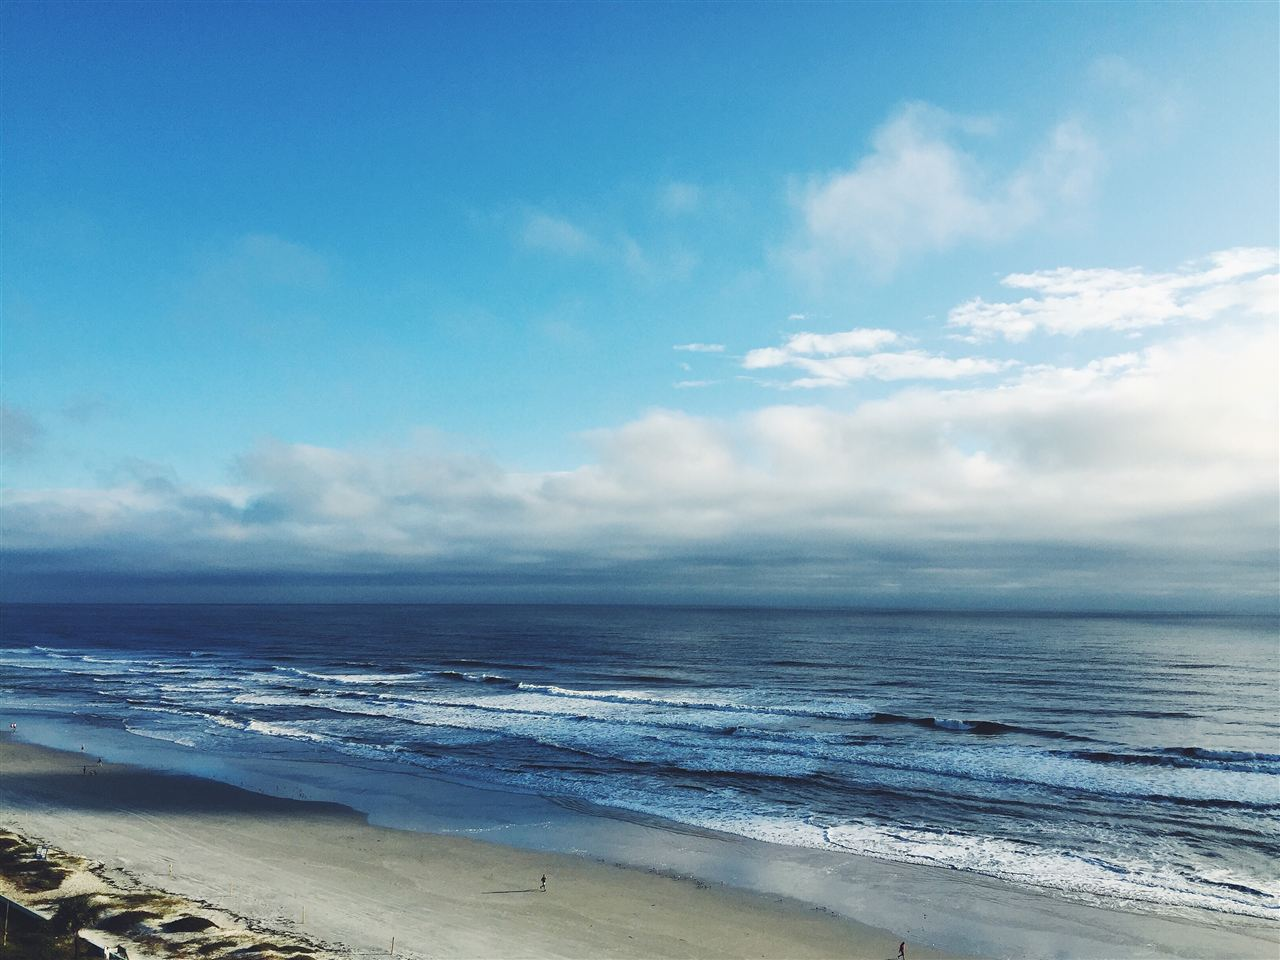 海洋湍流热通量研究突破 新海洋探测技术建功